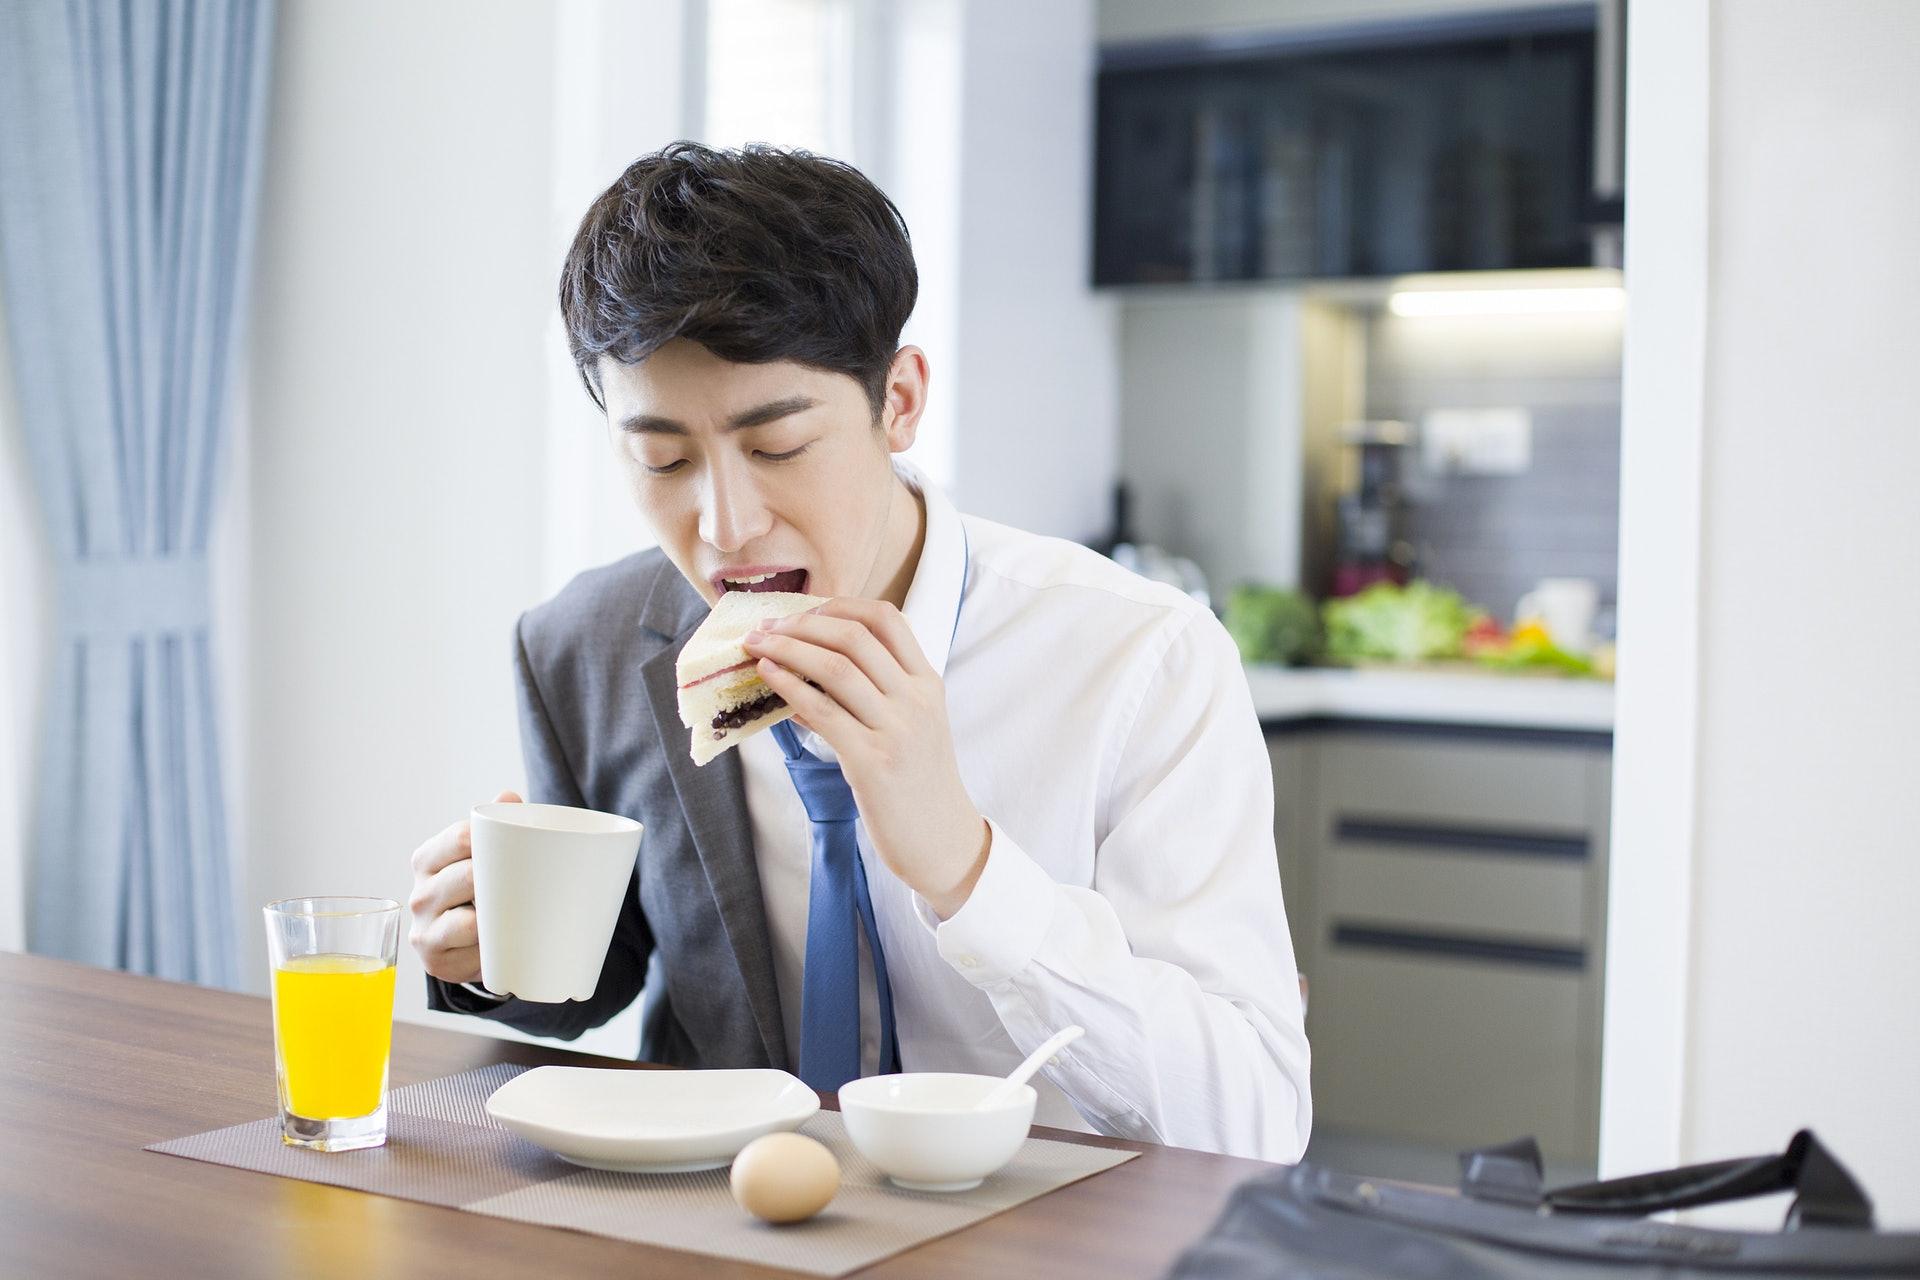 即使好趕時間,食片包、咬隻蛋,都可以幫助你上班醒醒神!(視覺中國)